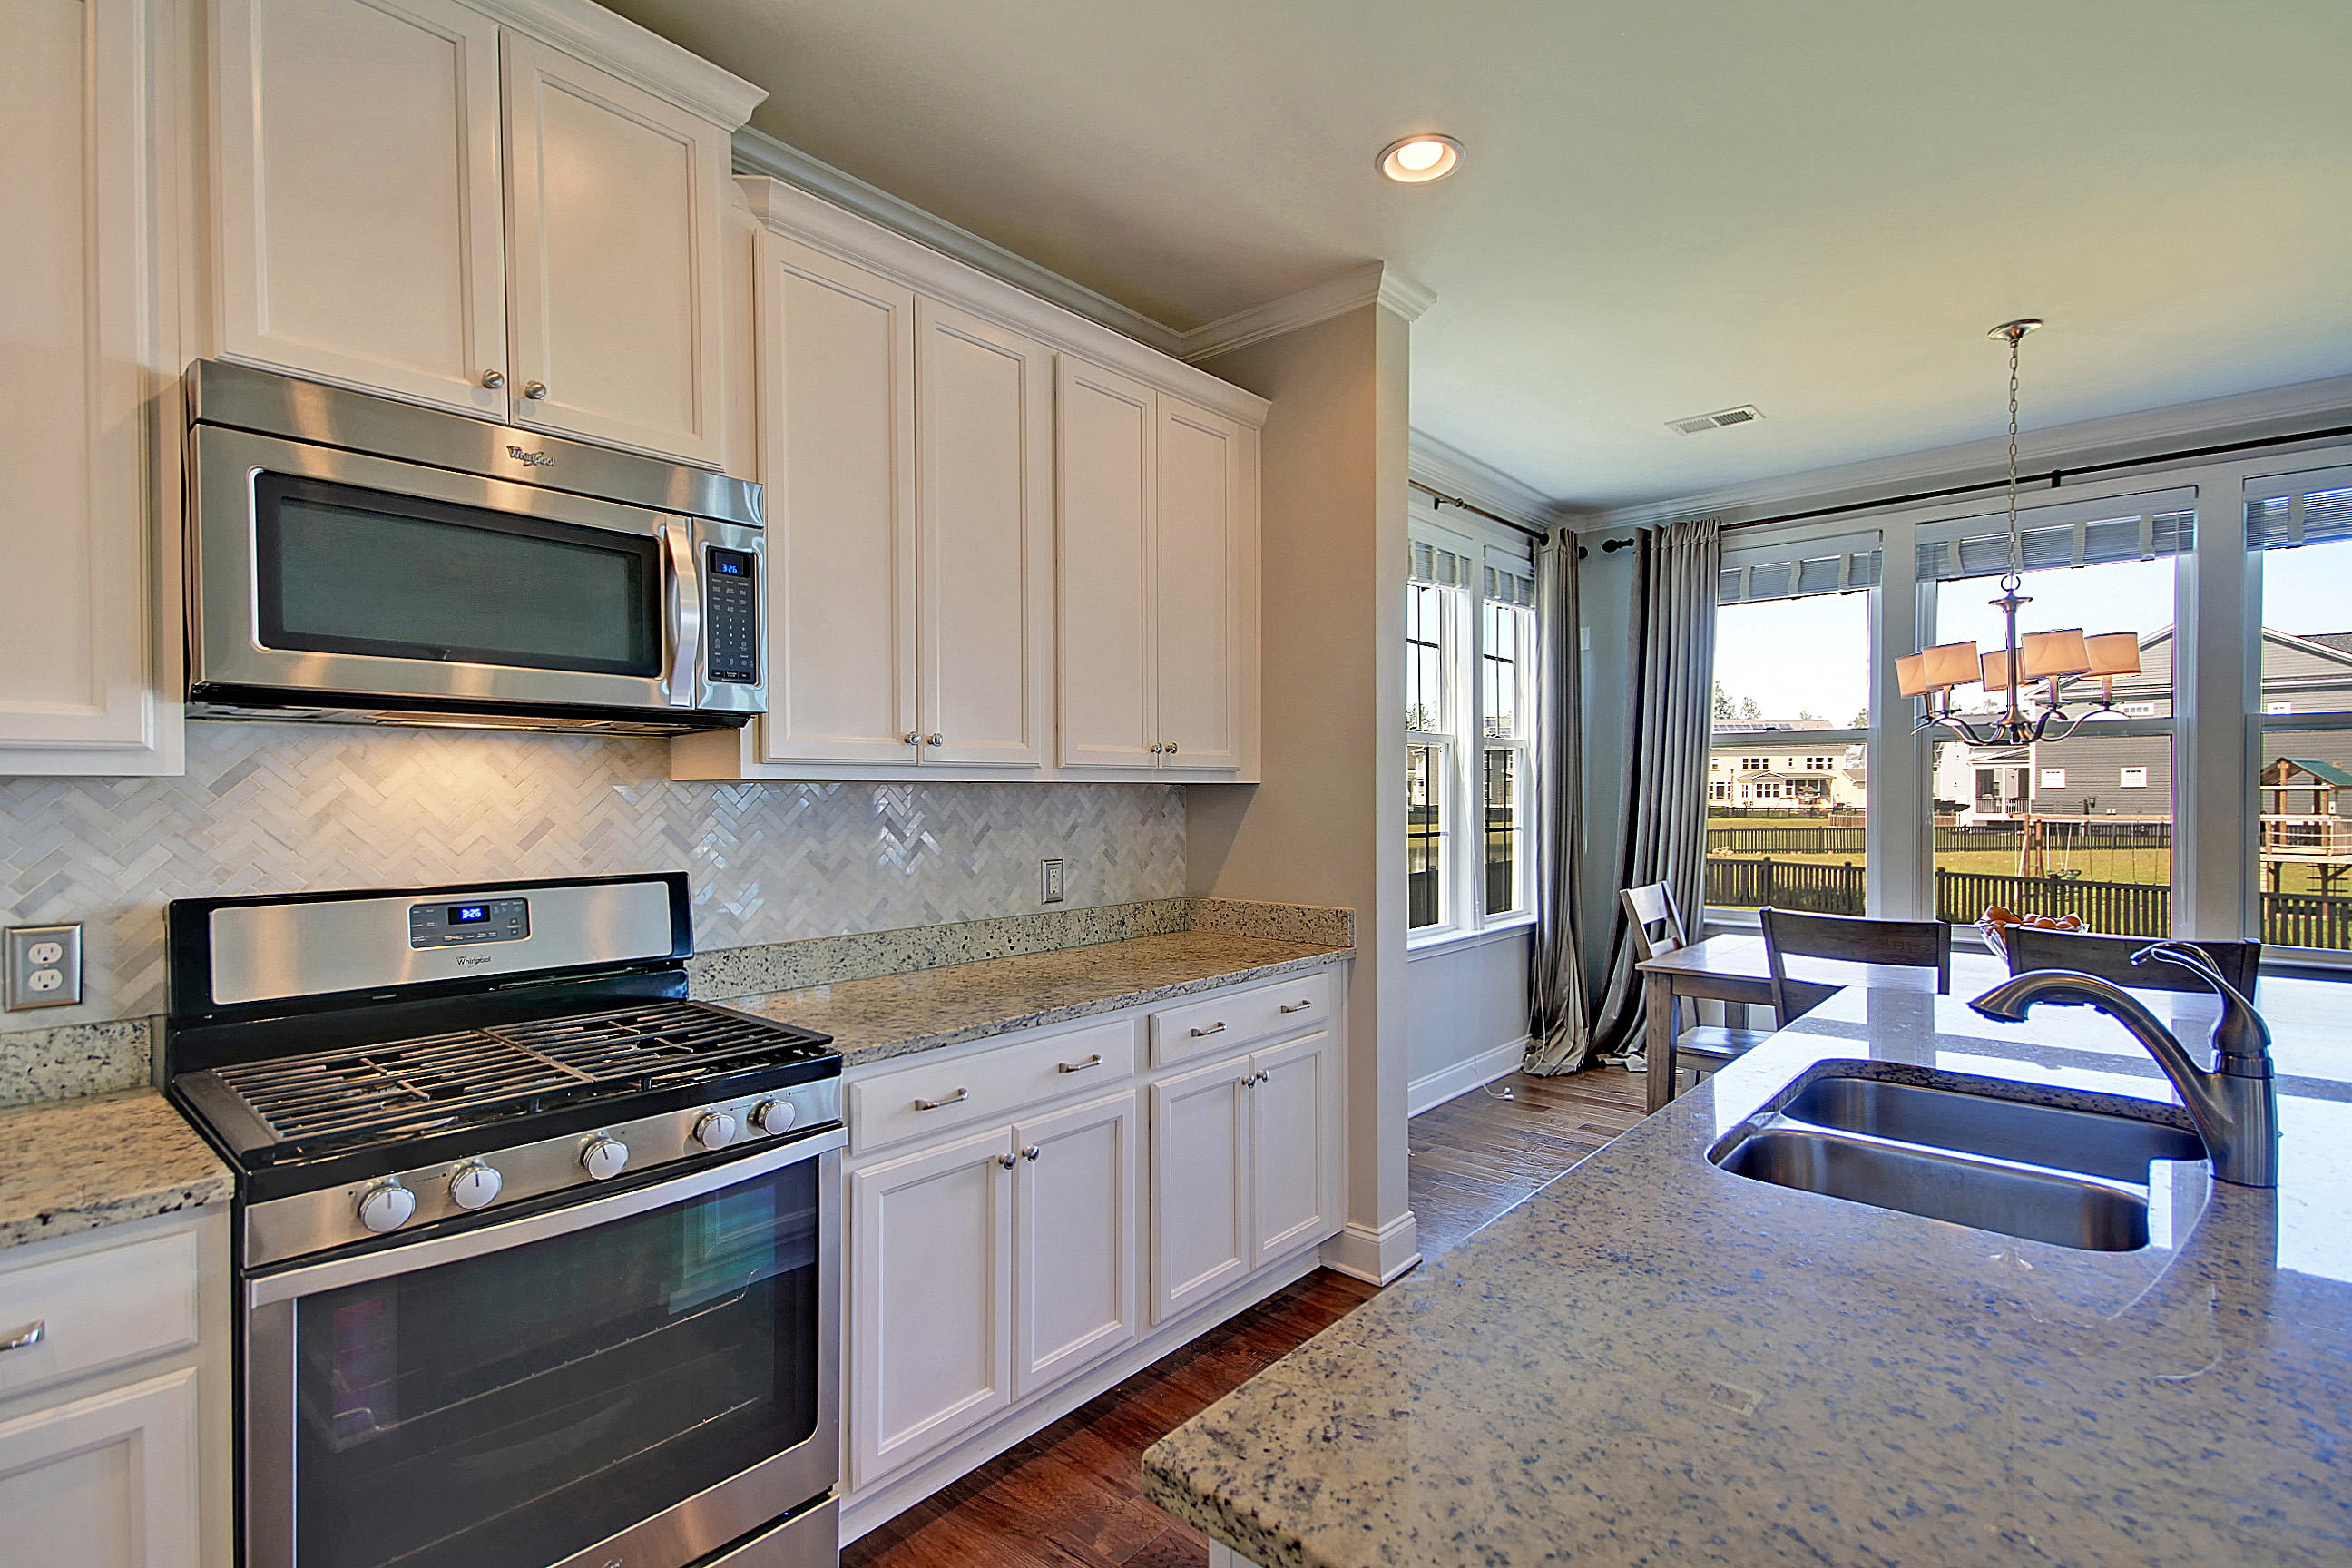 Dunes West Homes For Sale - 1420 Trip Line, Mount Pleasant, SC - 13